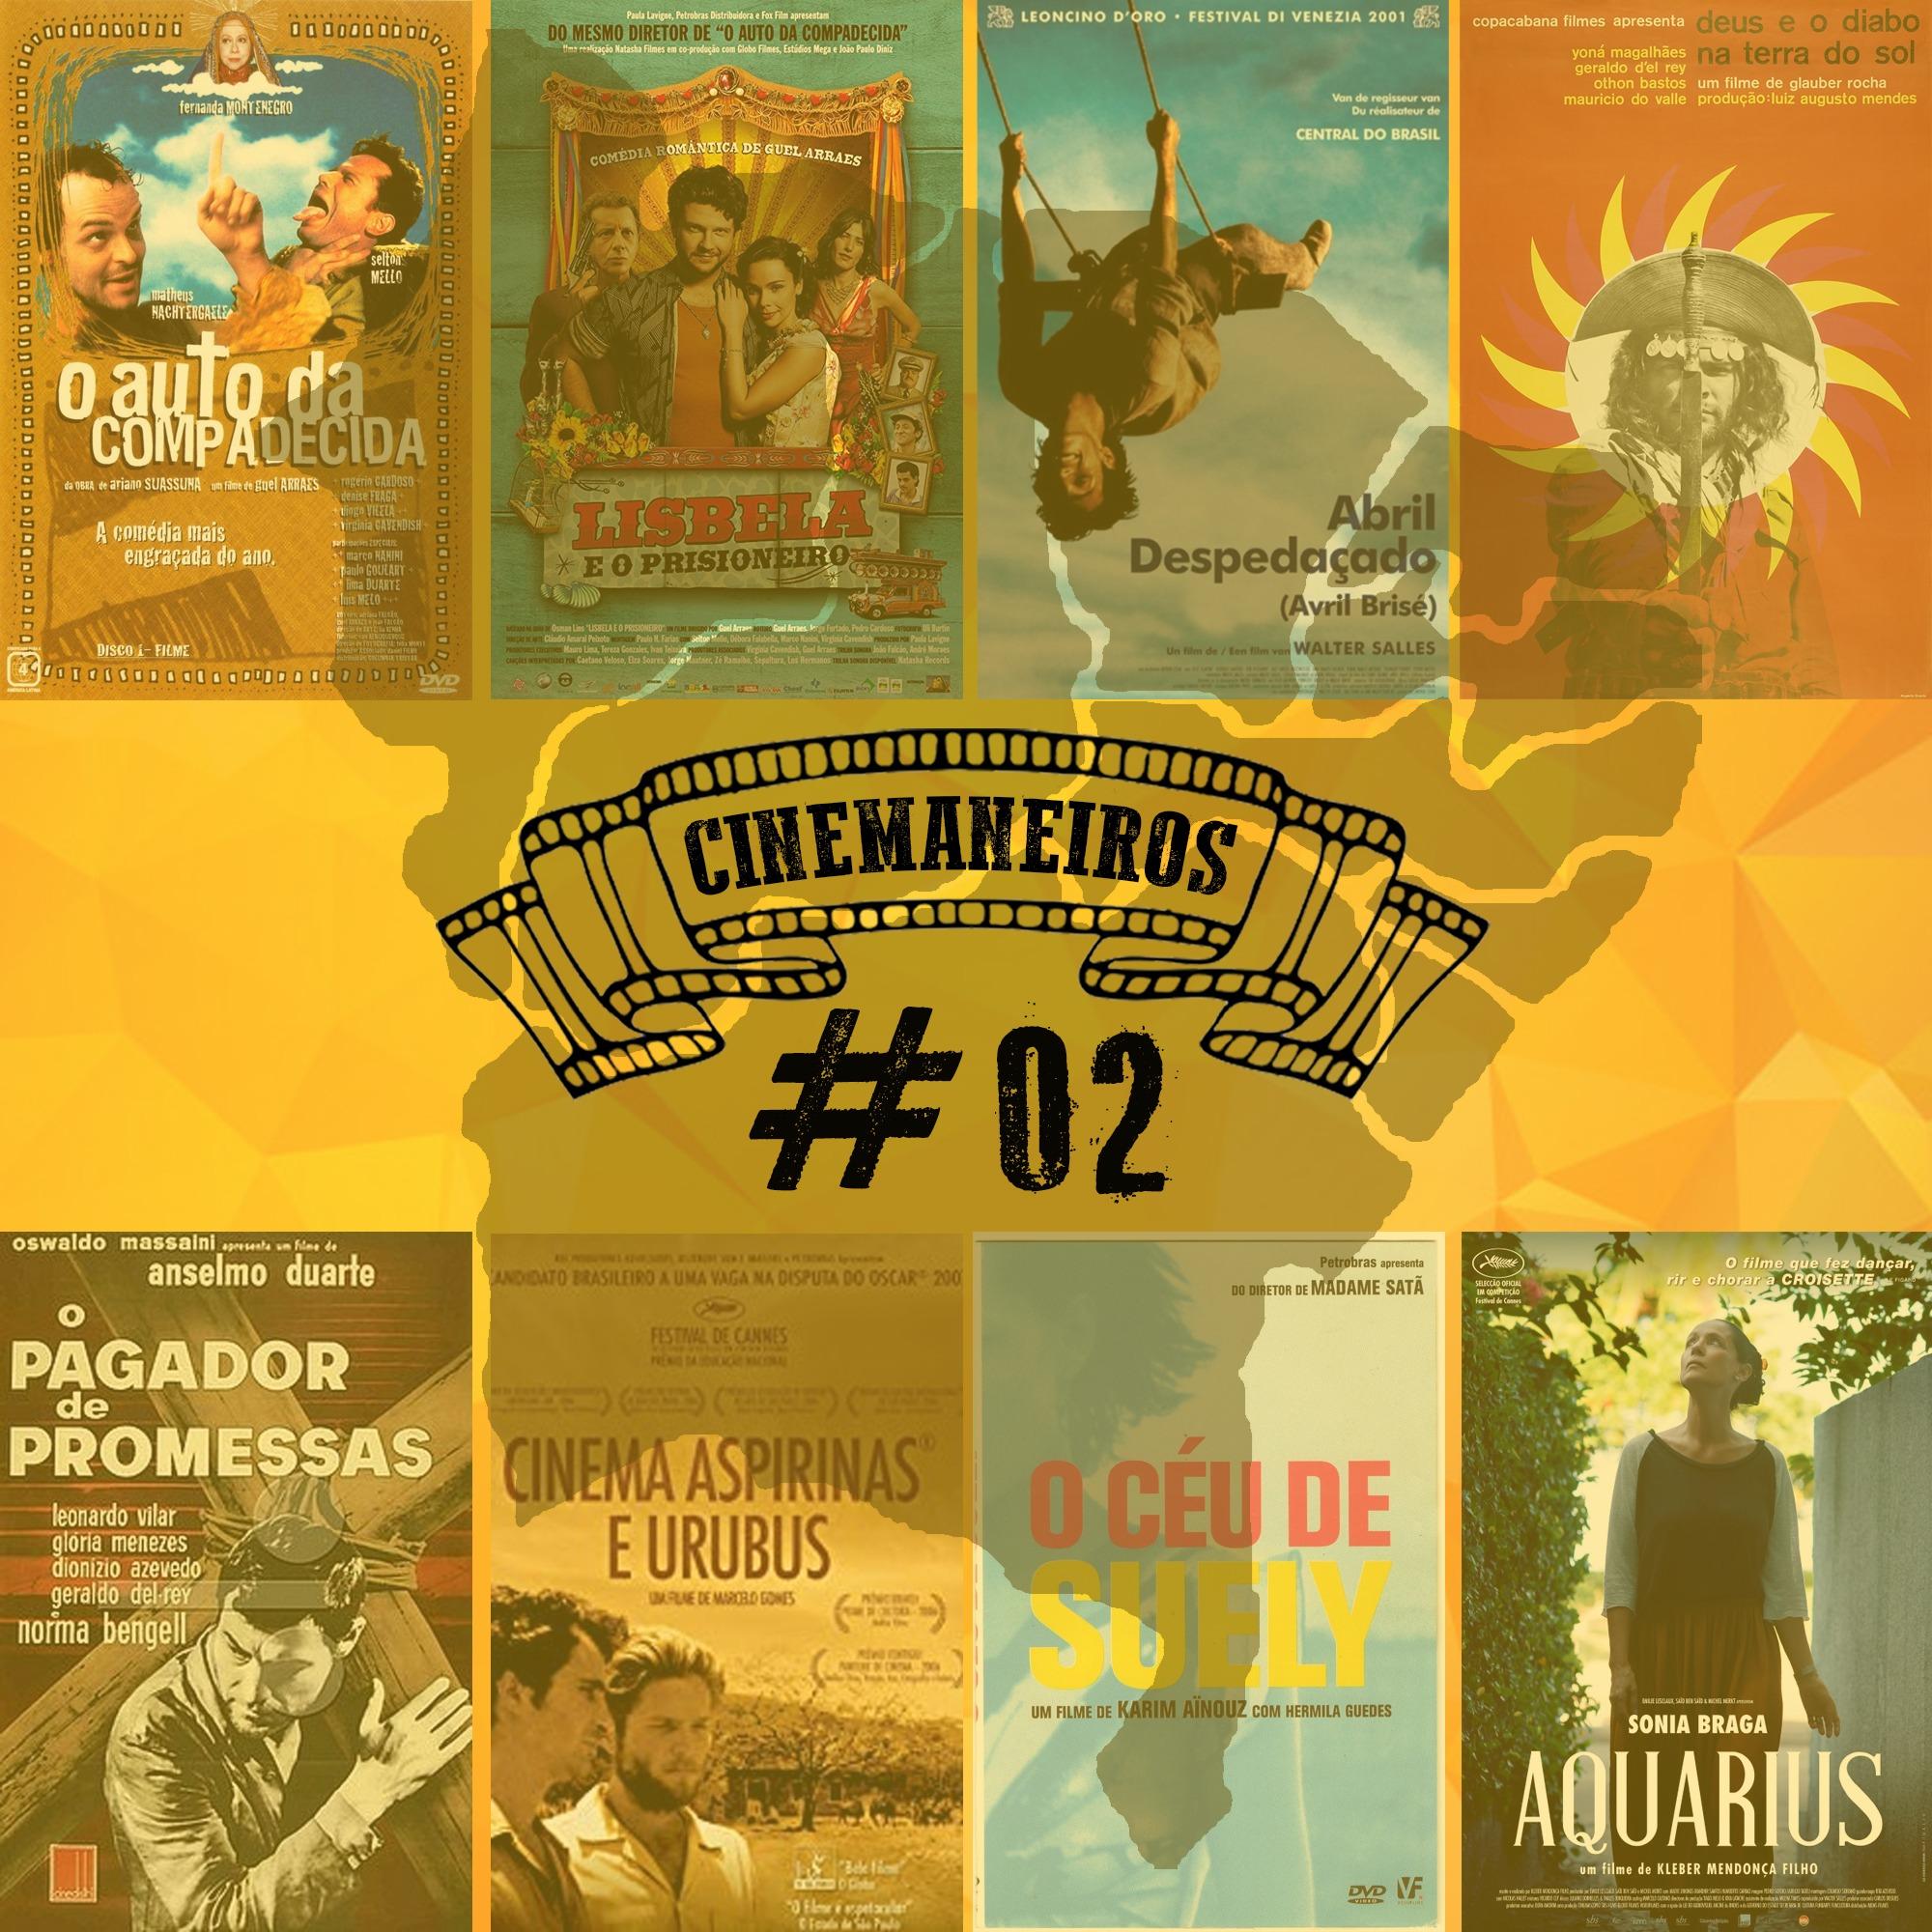 Cinemaneiros #02 Filmes Made in Nordeste